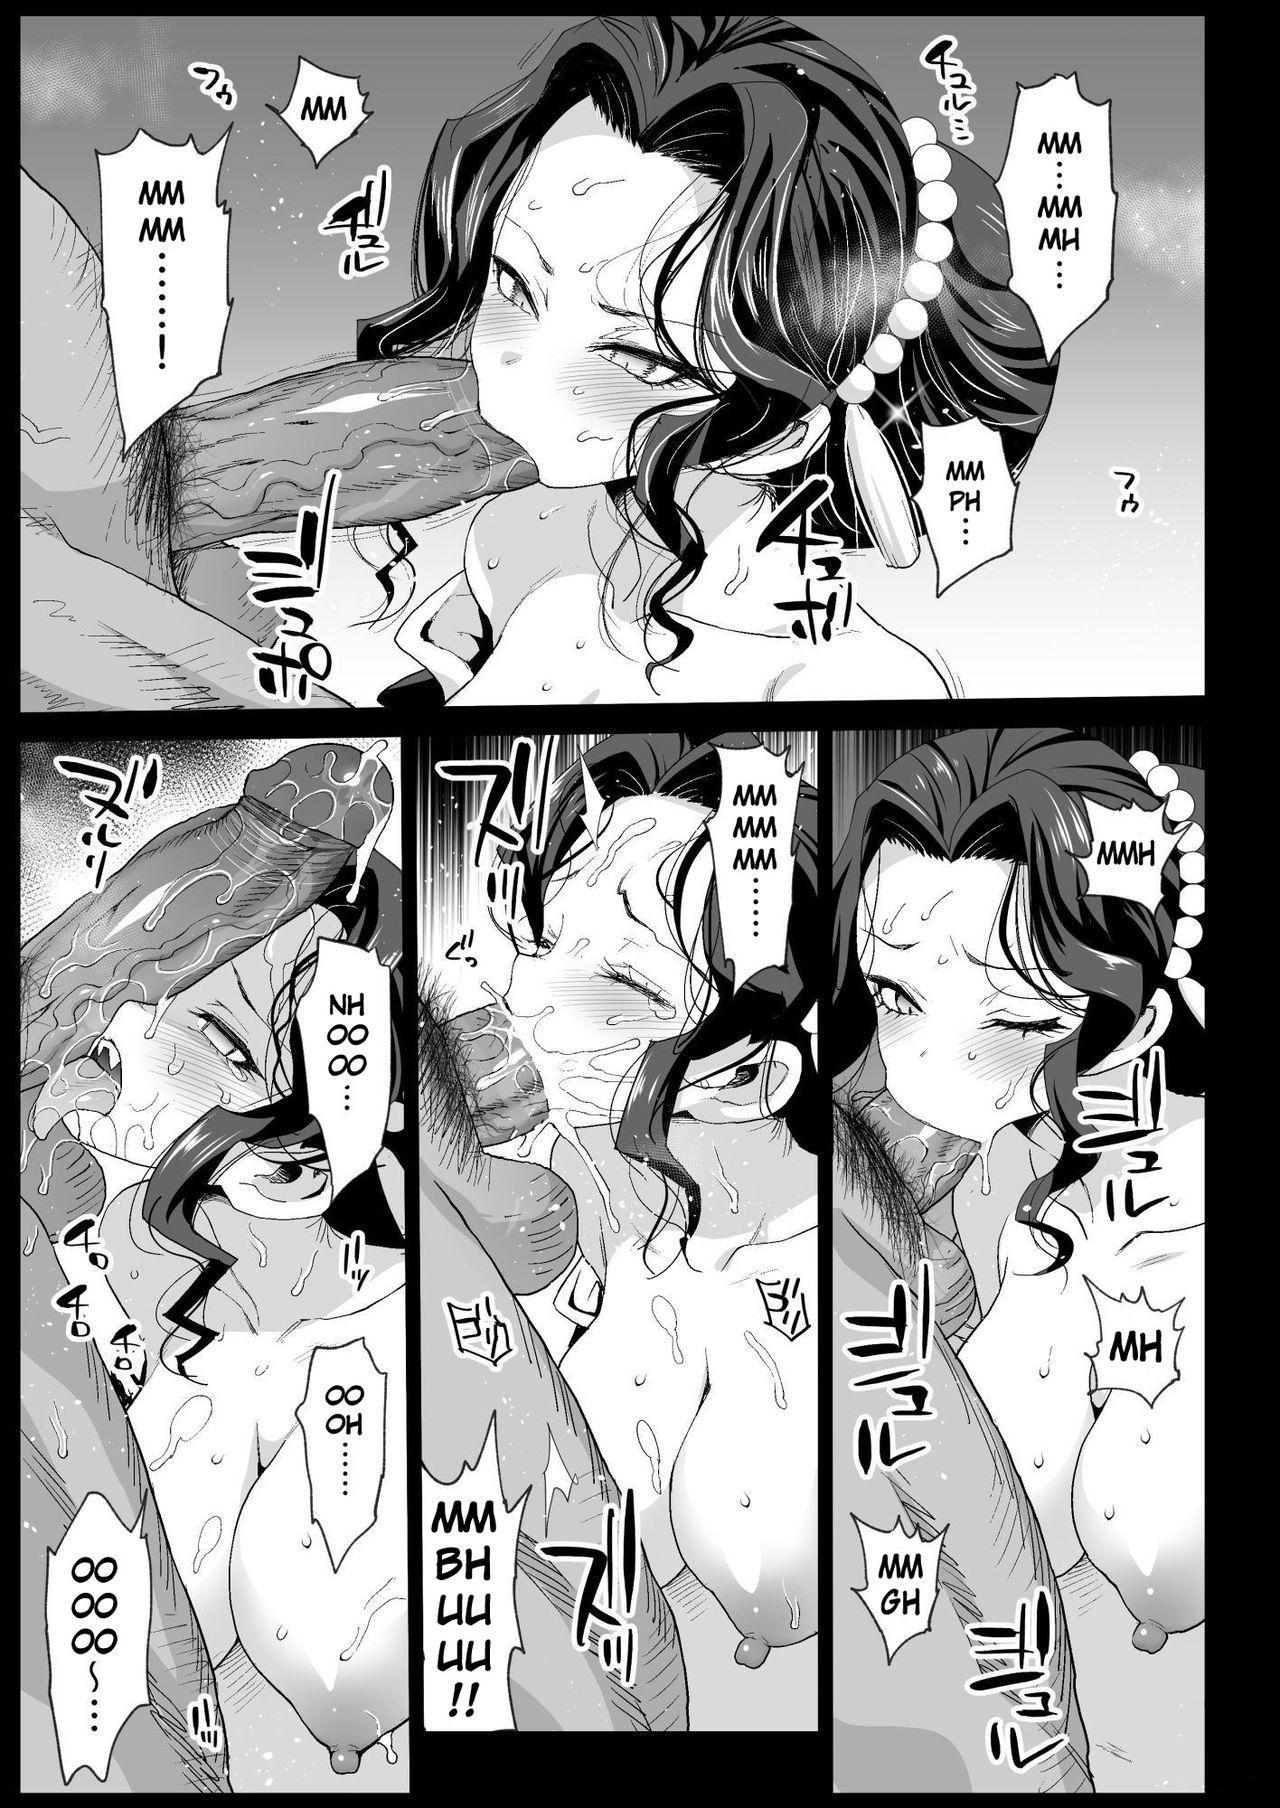 [Eromazun (Ma-kurou)] Mesu Ochi Jou Muzan-sama - RAPE OF DEMON SLAYER 4 | Making a Mess of Lady Muzan-sama - RAPE OF DEMON SLAYER 4 (Kimetsu no Yaiba) [English] [Keye Necktire] [Digital] 18